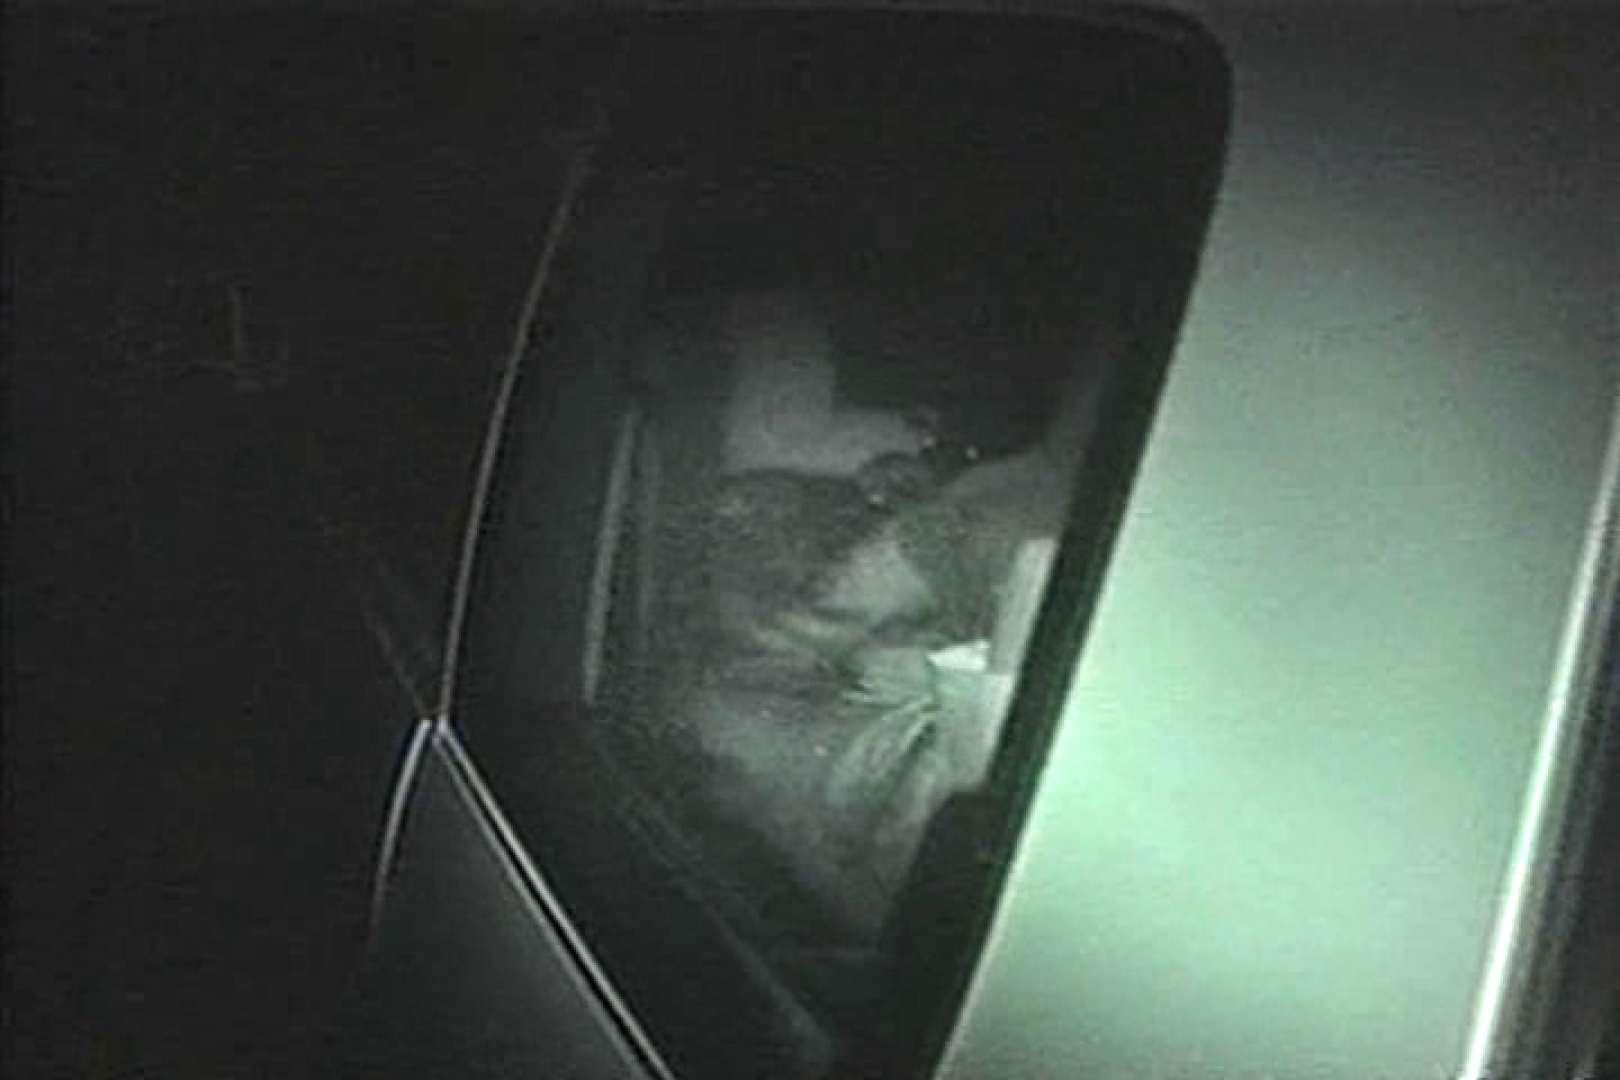 MASAさんの待ち伏せ撮り! 赤外線カーセックスVol.11 おまんこ無修正 セックス画像 87画像 12